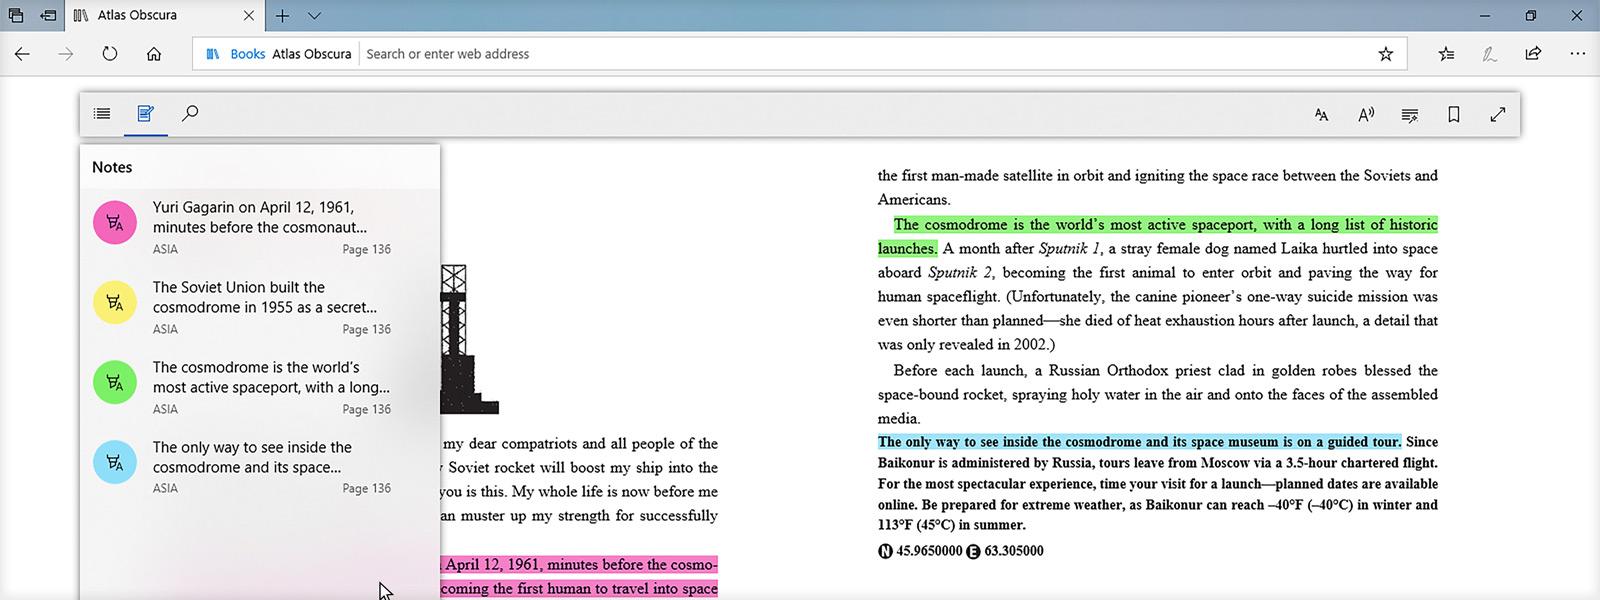 Εικόνα που δείχνει σήμανση κειμένου κατά την ανάγνωση βιβλίων στον Microsoft Edge